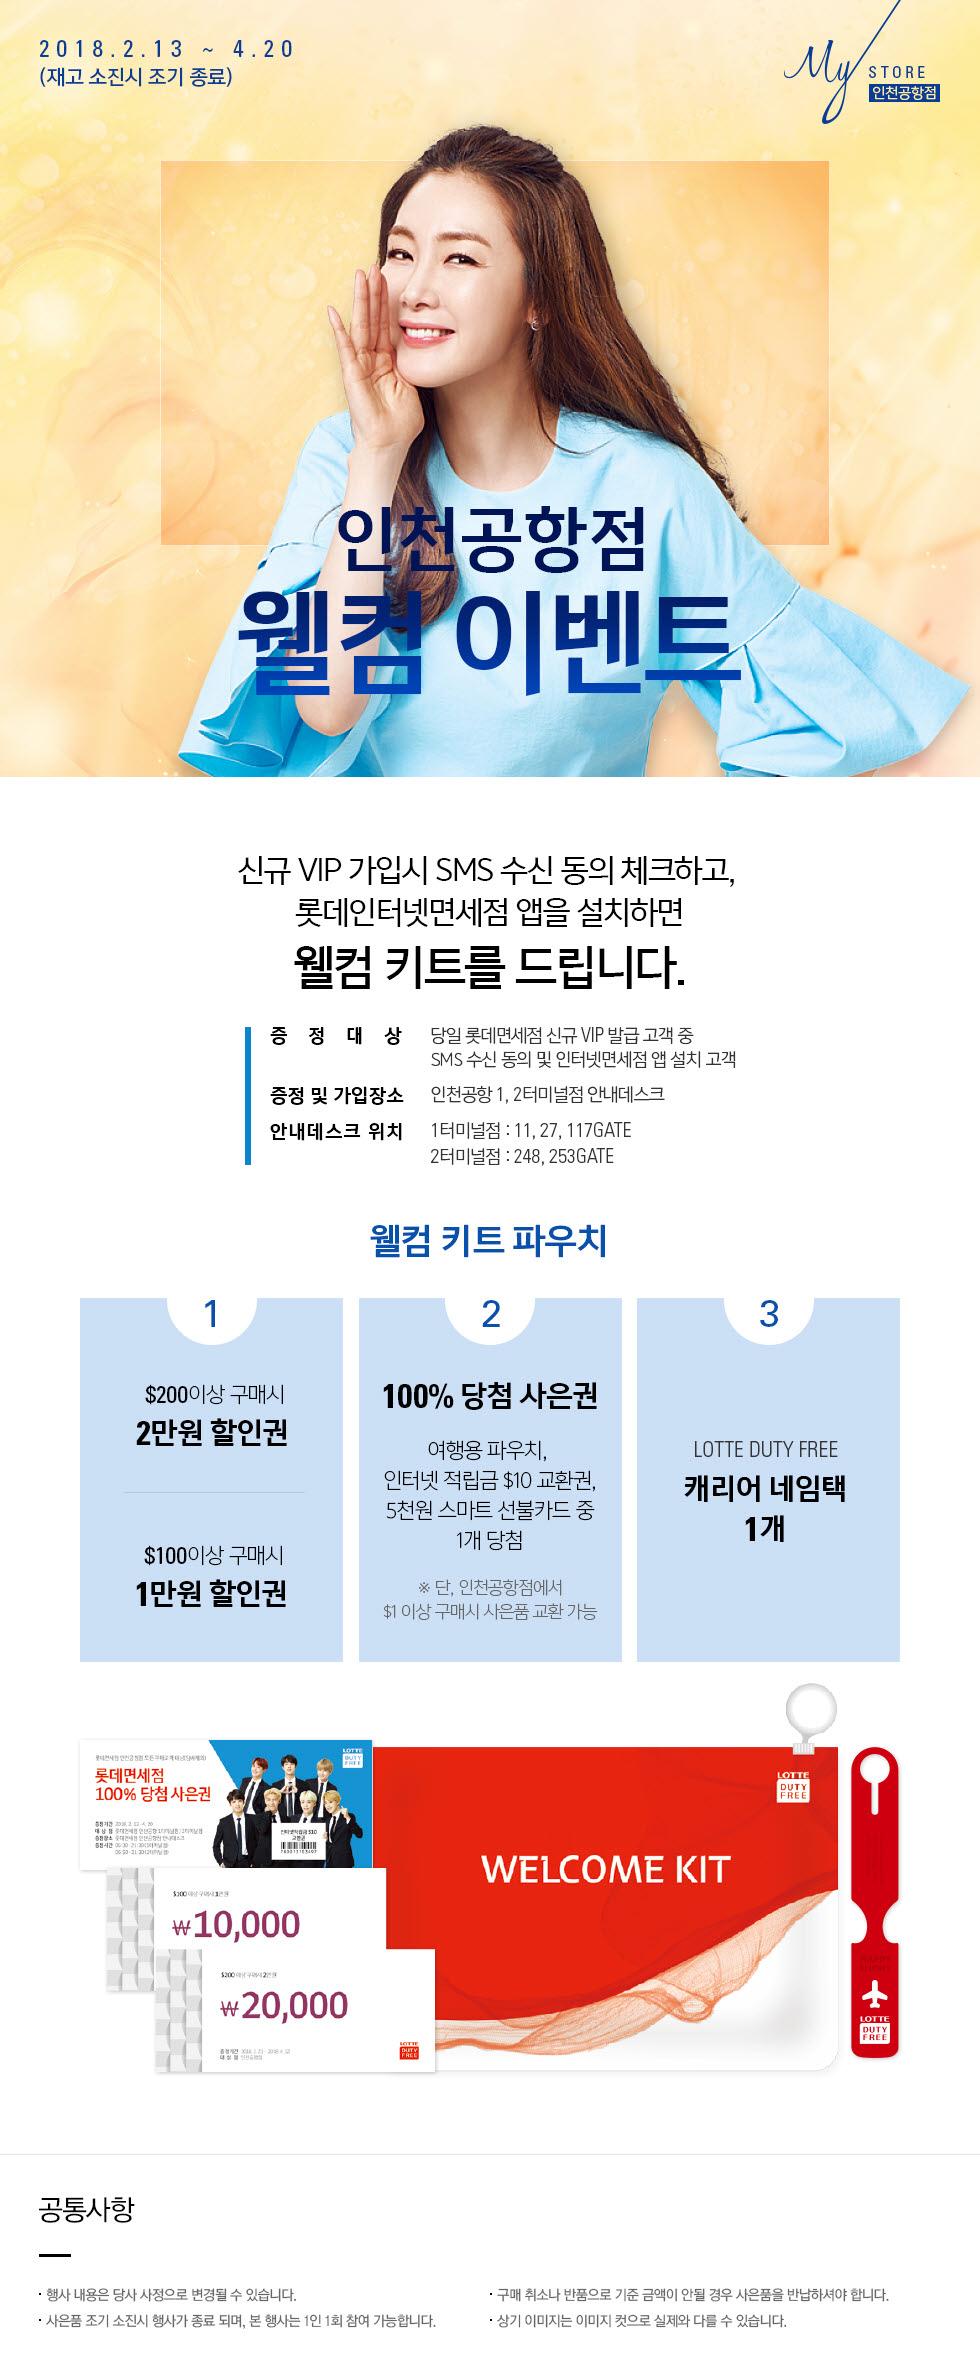 인천공항점 웰컴 이벤트